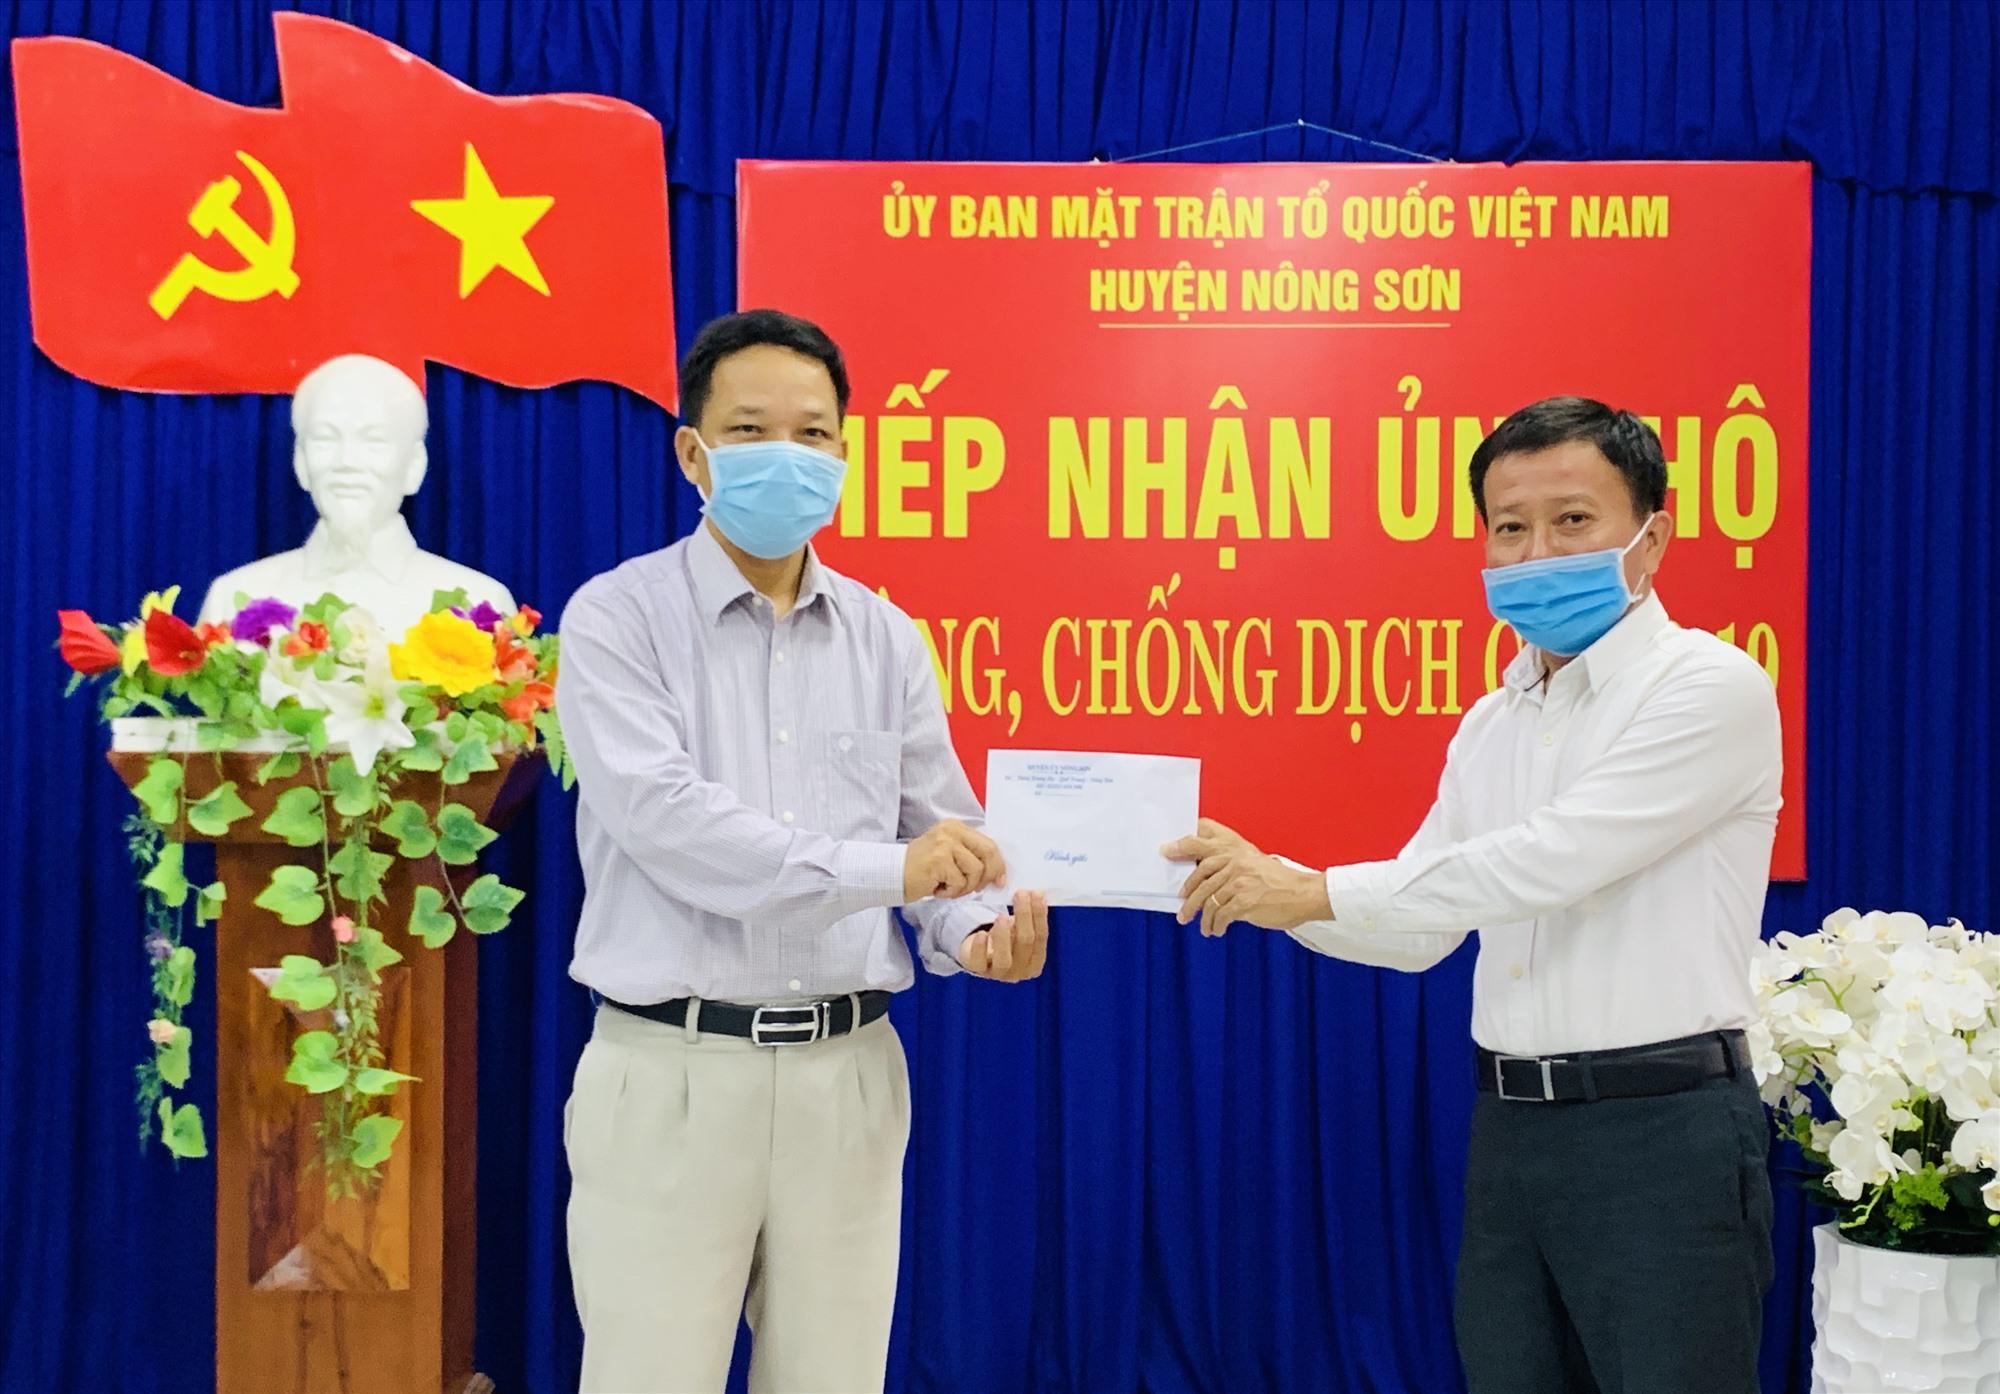 Ông Thái Bình thay mặt cho các doanh nghiệp, nhà hảo tâm trao tiền hỗ trợ cho Ủy ban MTTQ Việt Nam huyện Nông Sơn phục vụ công tác phòng, chống dịch Covid-19. Ảnh: PHAN VINH